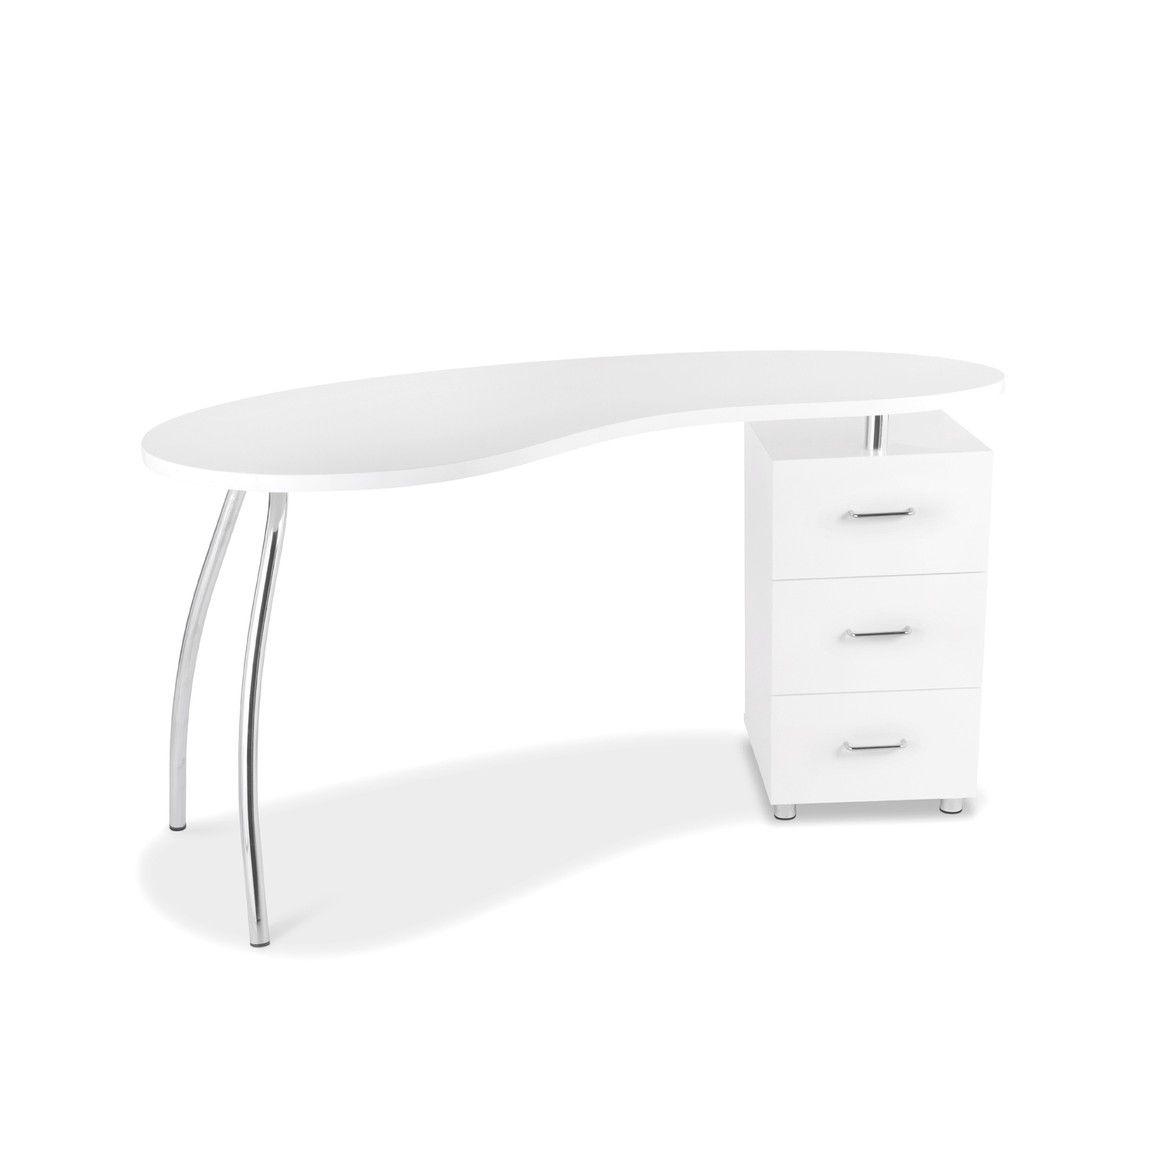 Attraktiv Schreibtisch Weiß Mit Schubladen Dekoration Von Weiss Chromgestell 3 140x77 Groove, Weiss Metall